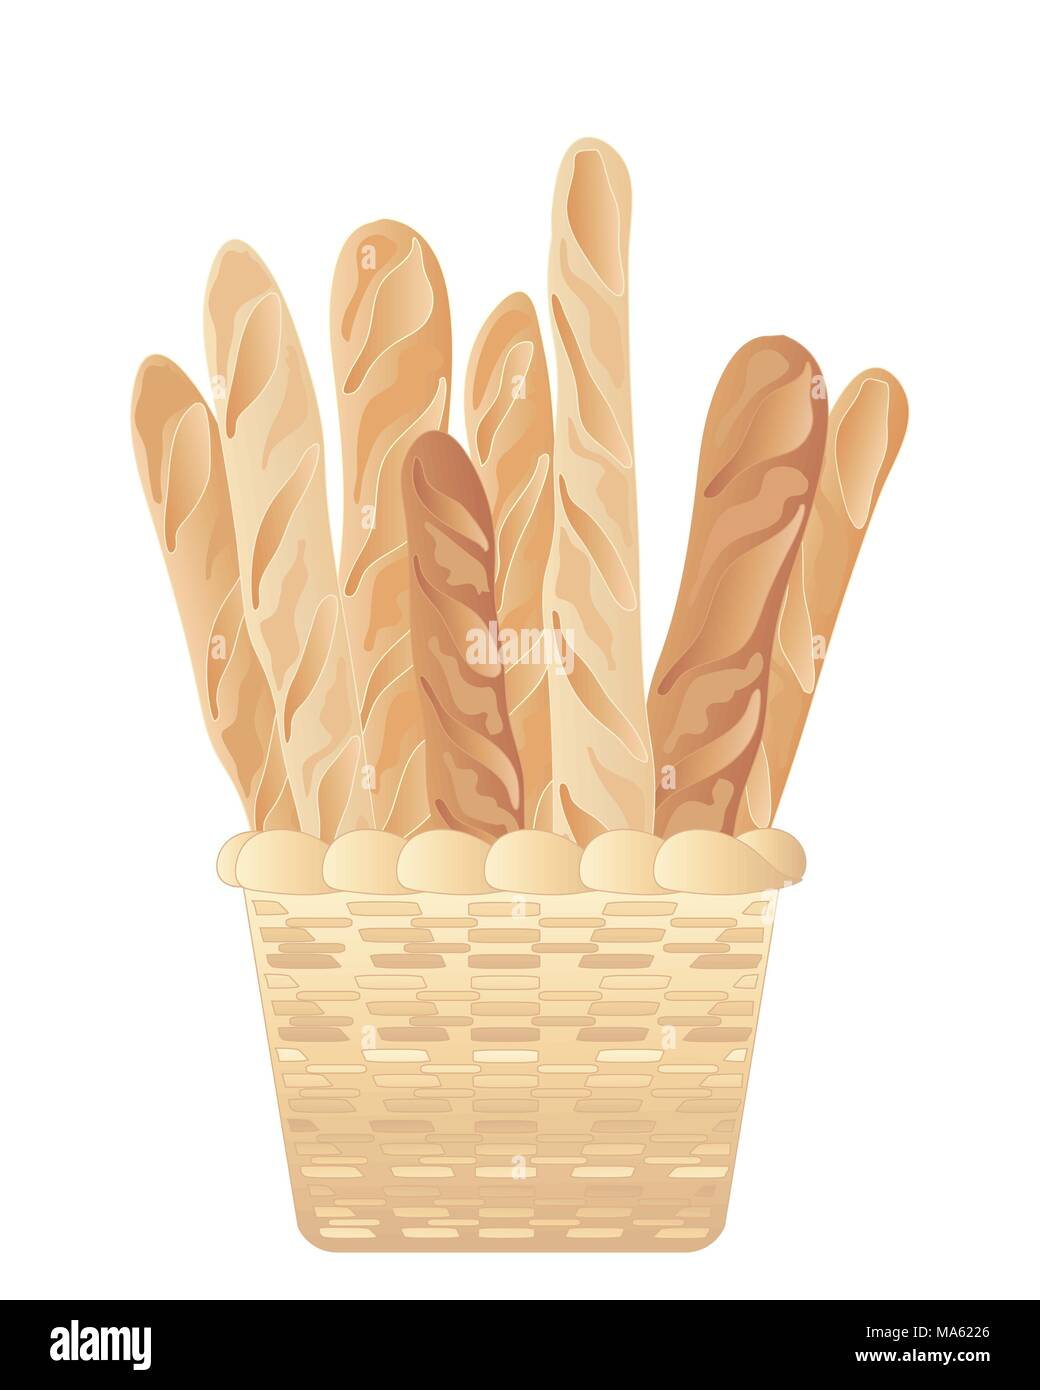 Una illustrazione vettoriale in formato eps formato 10 di un cestello di pane appena sfornato pane francese bastoni isolato su uno sfondo bianco Immagini Stock